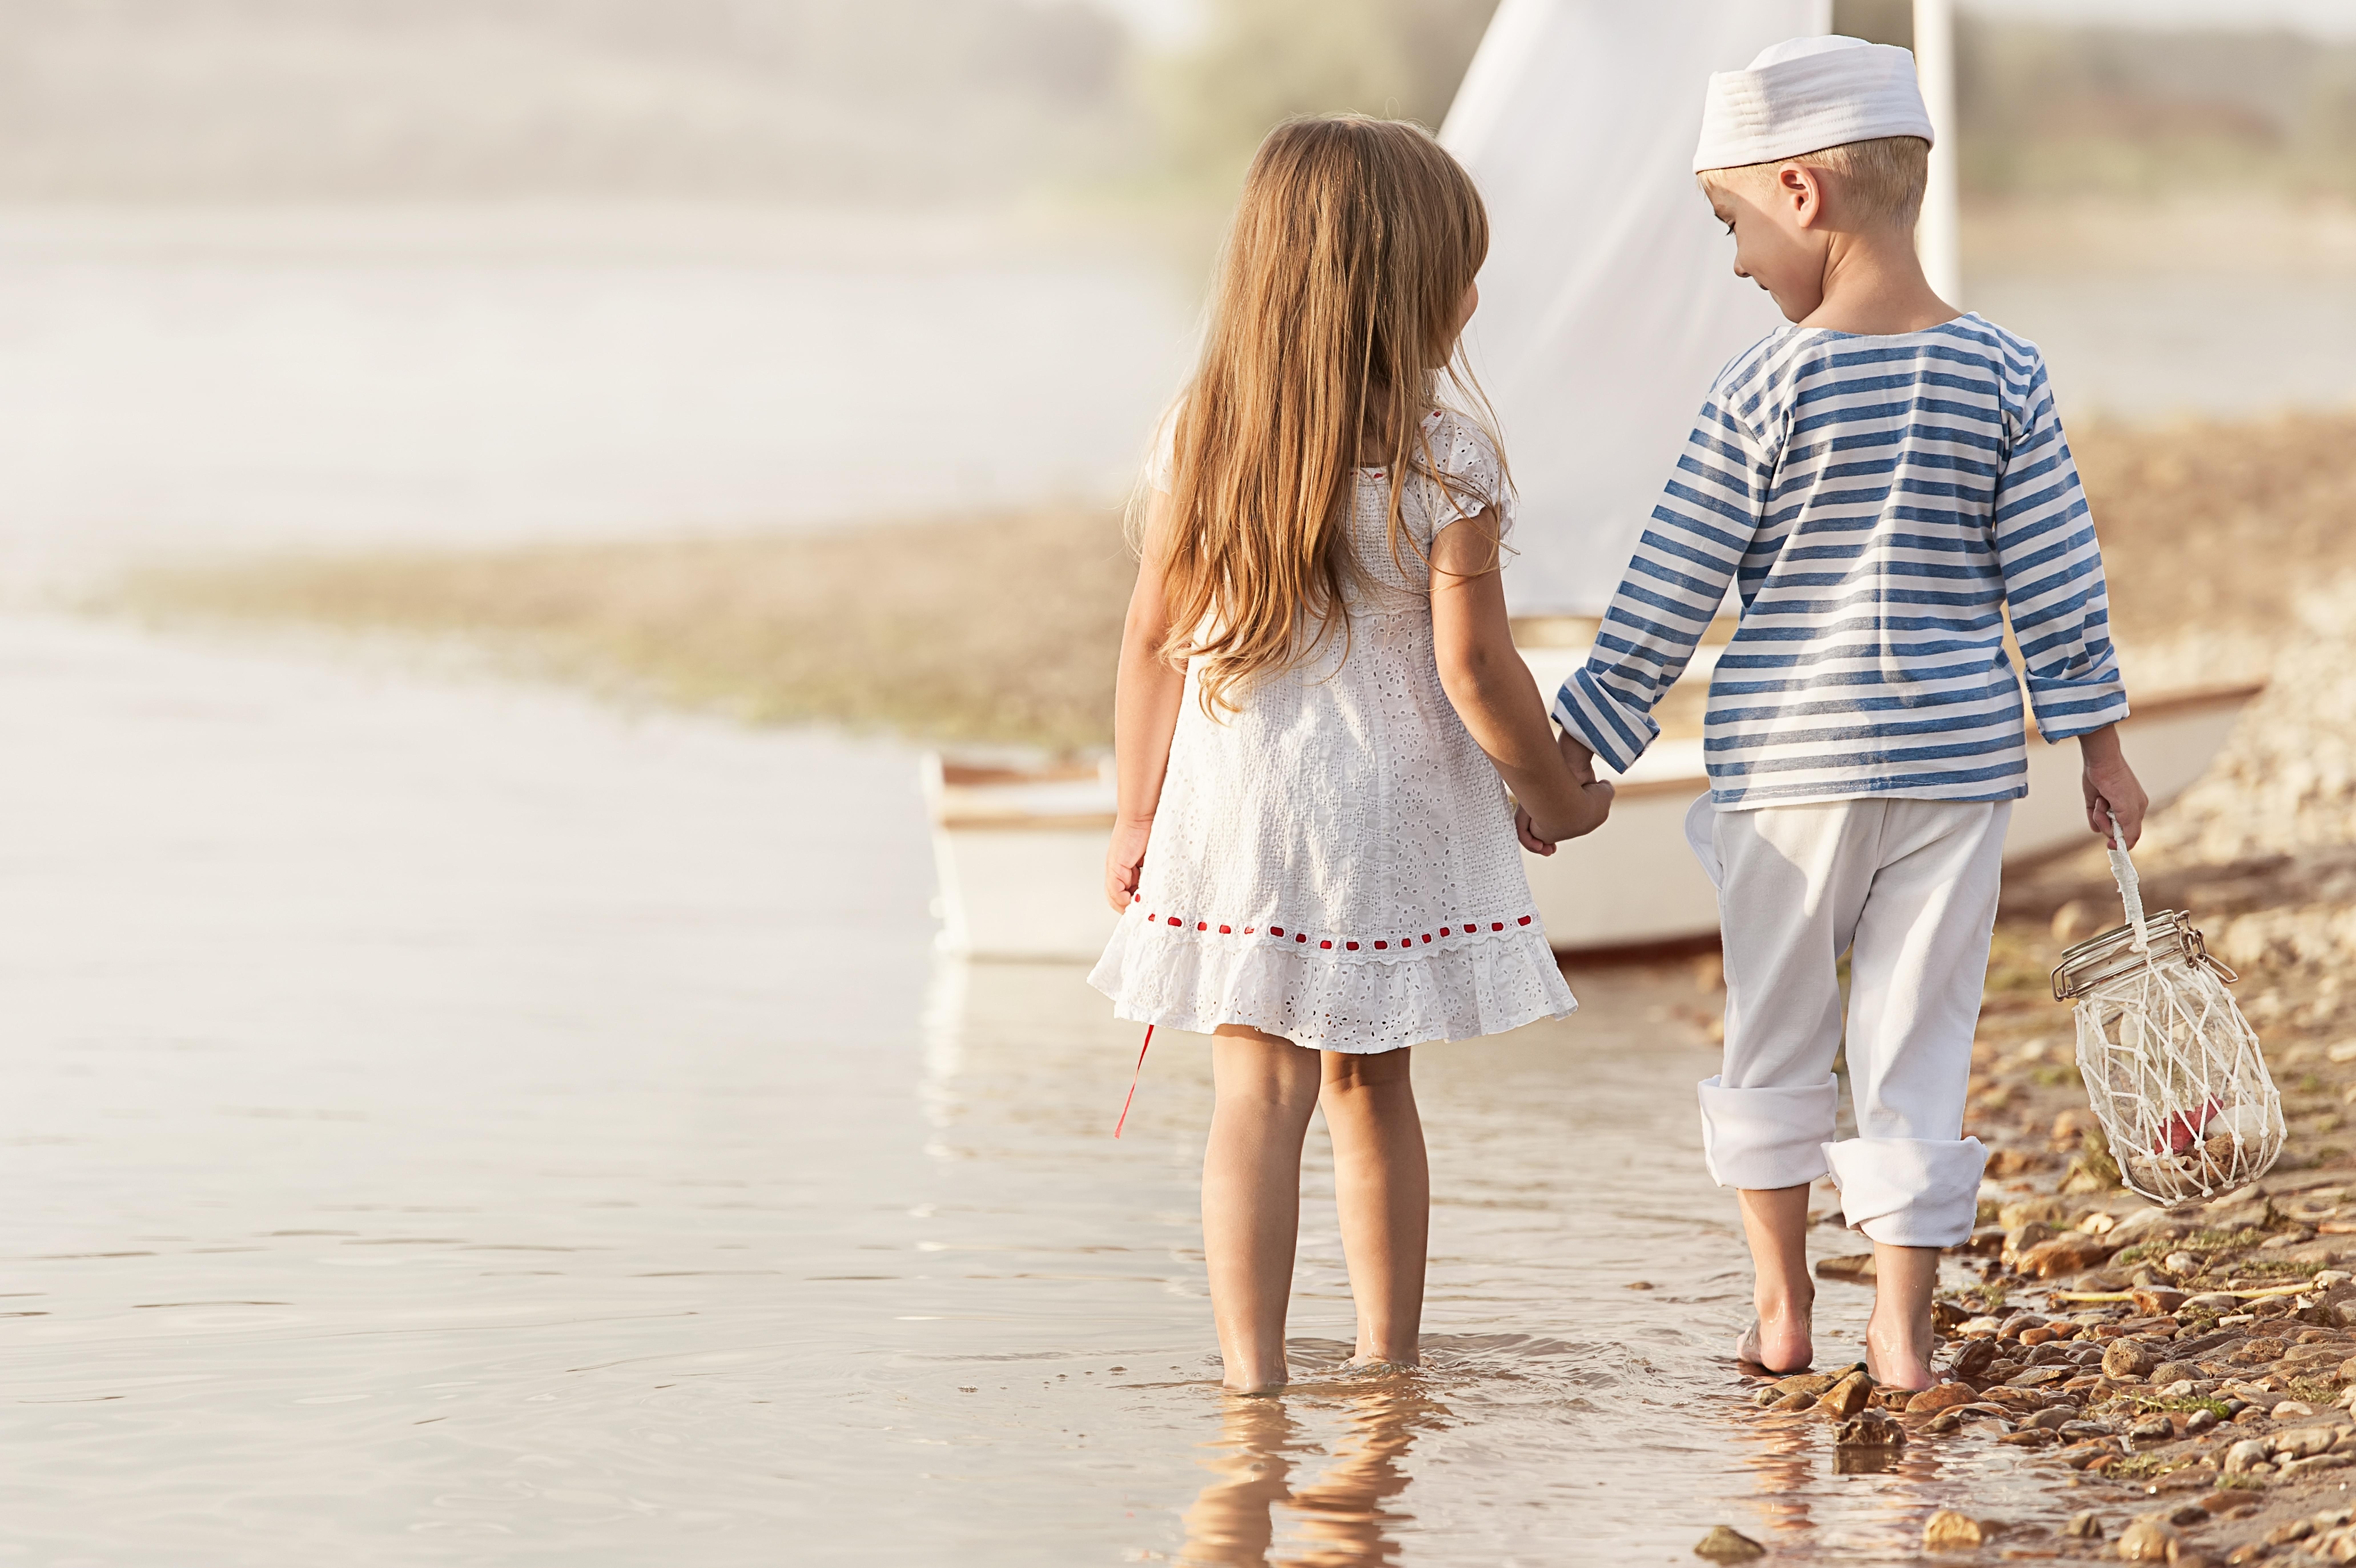 Фото мальчик с мальчиком, Мальчик Изображения Pixabay Скачать бесплатные 21 фотография